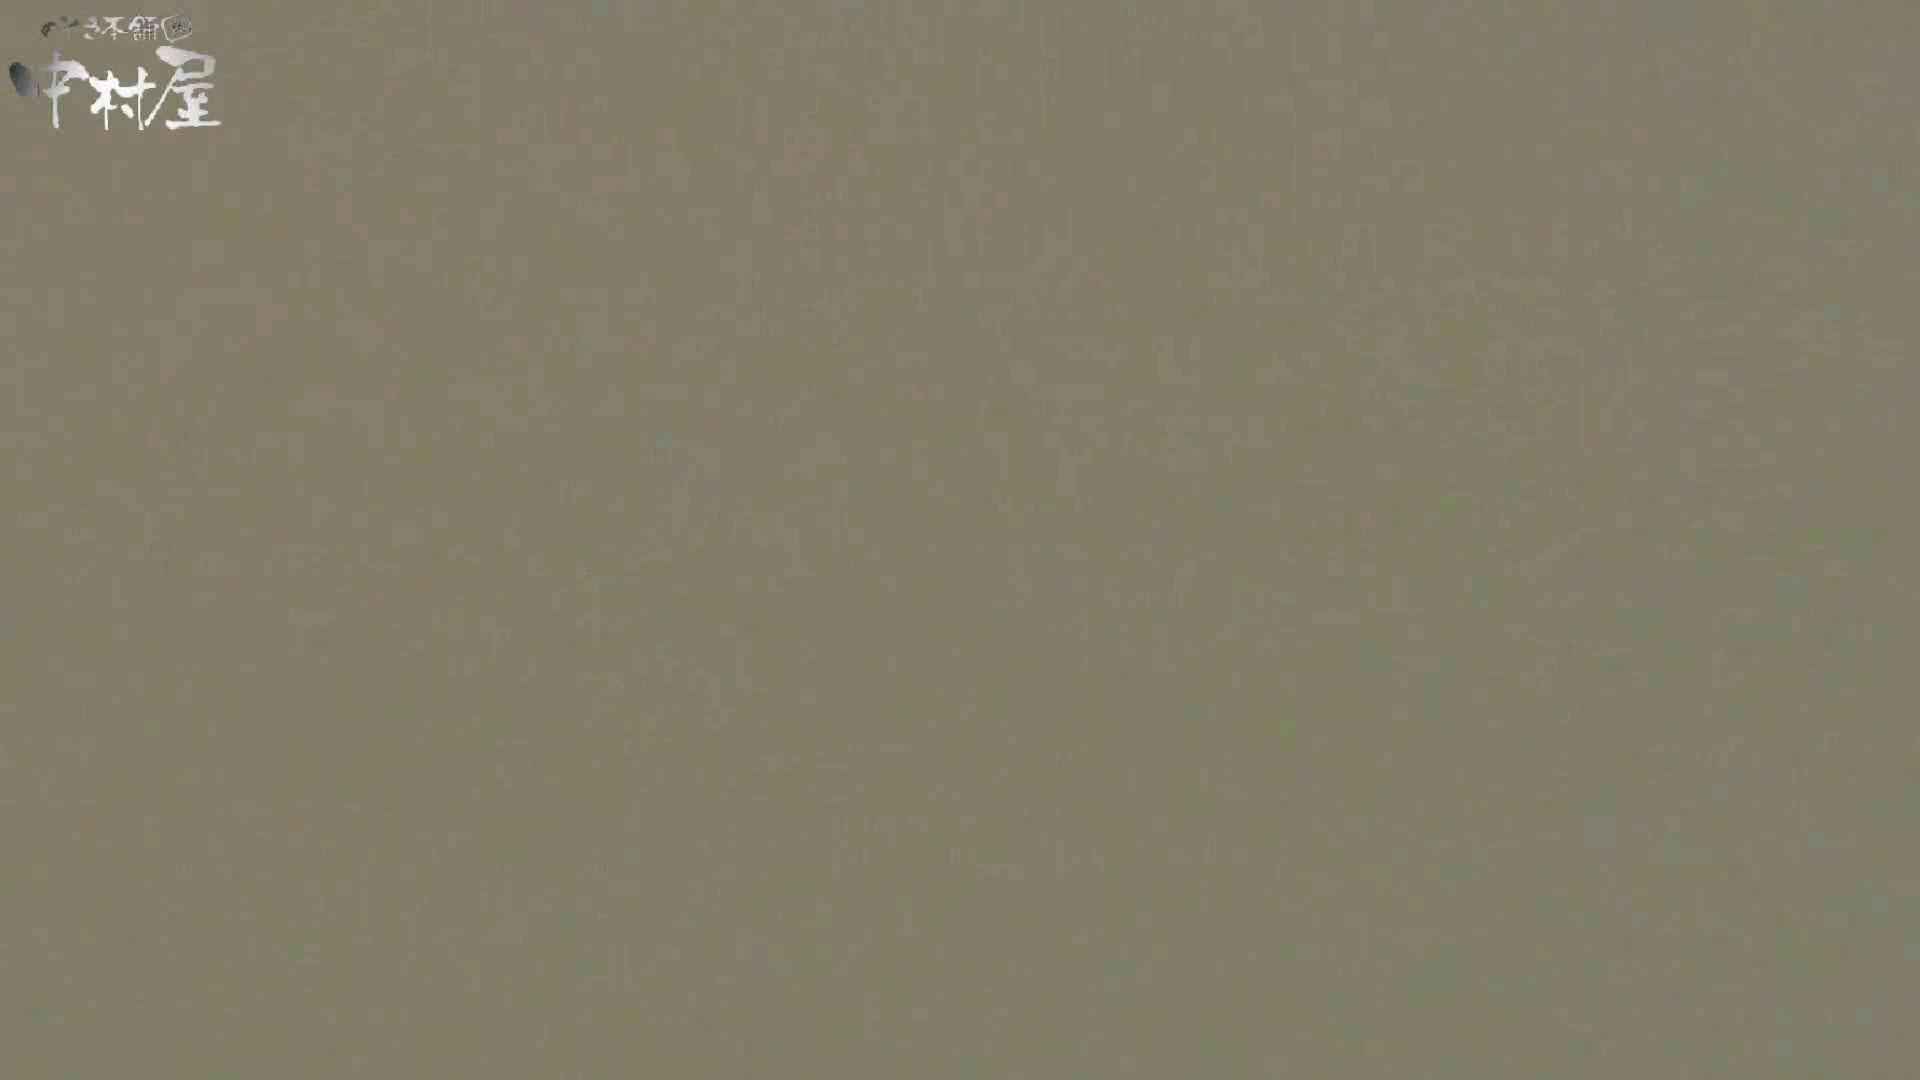 ネムリ姫 vol.23 その他 オマンコ無修正動画無料 77連発 76